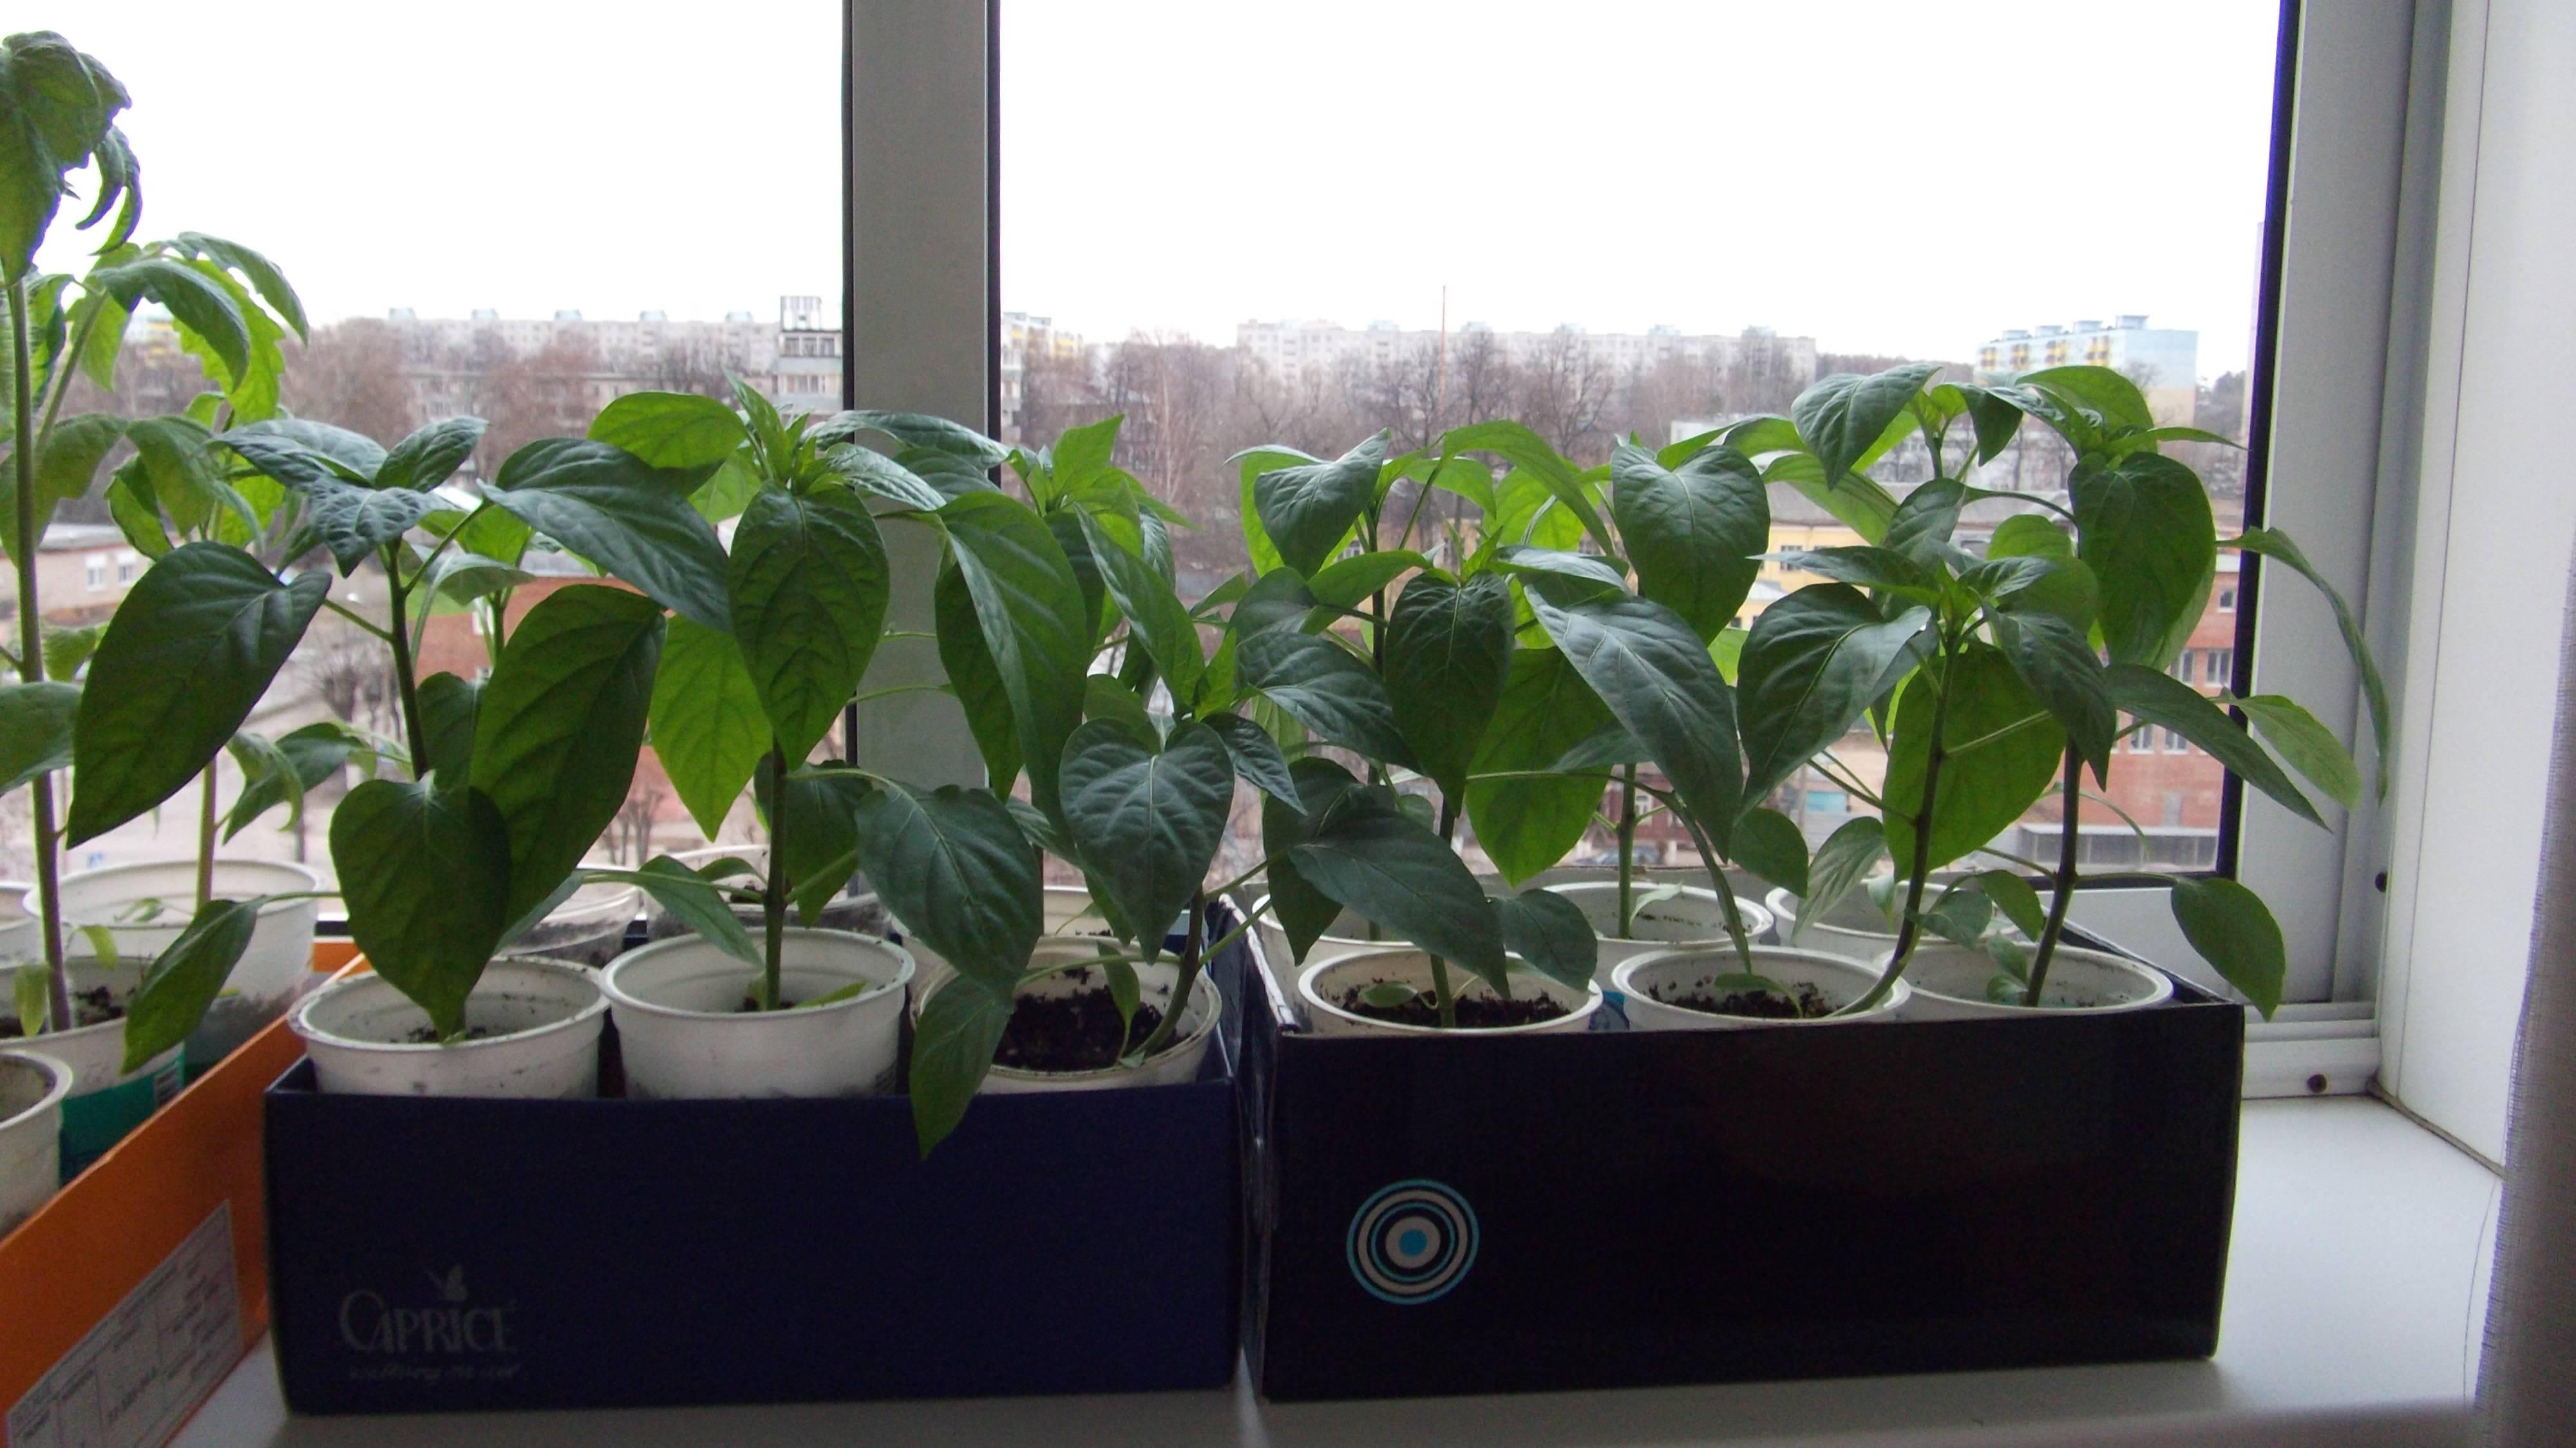 Как вырастить горький перец на подоконнике: пошаговая инструкция, особенности посадки и ухода